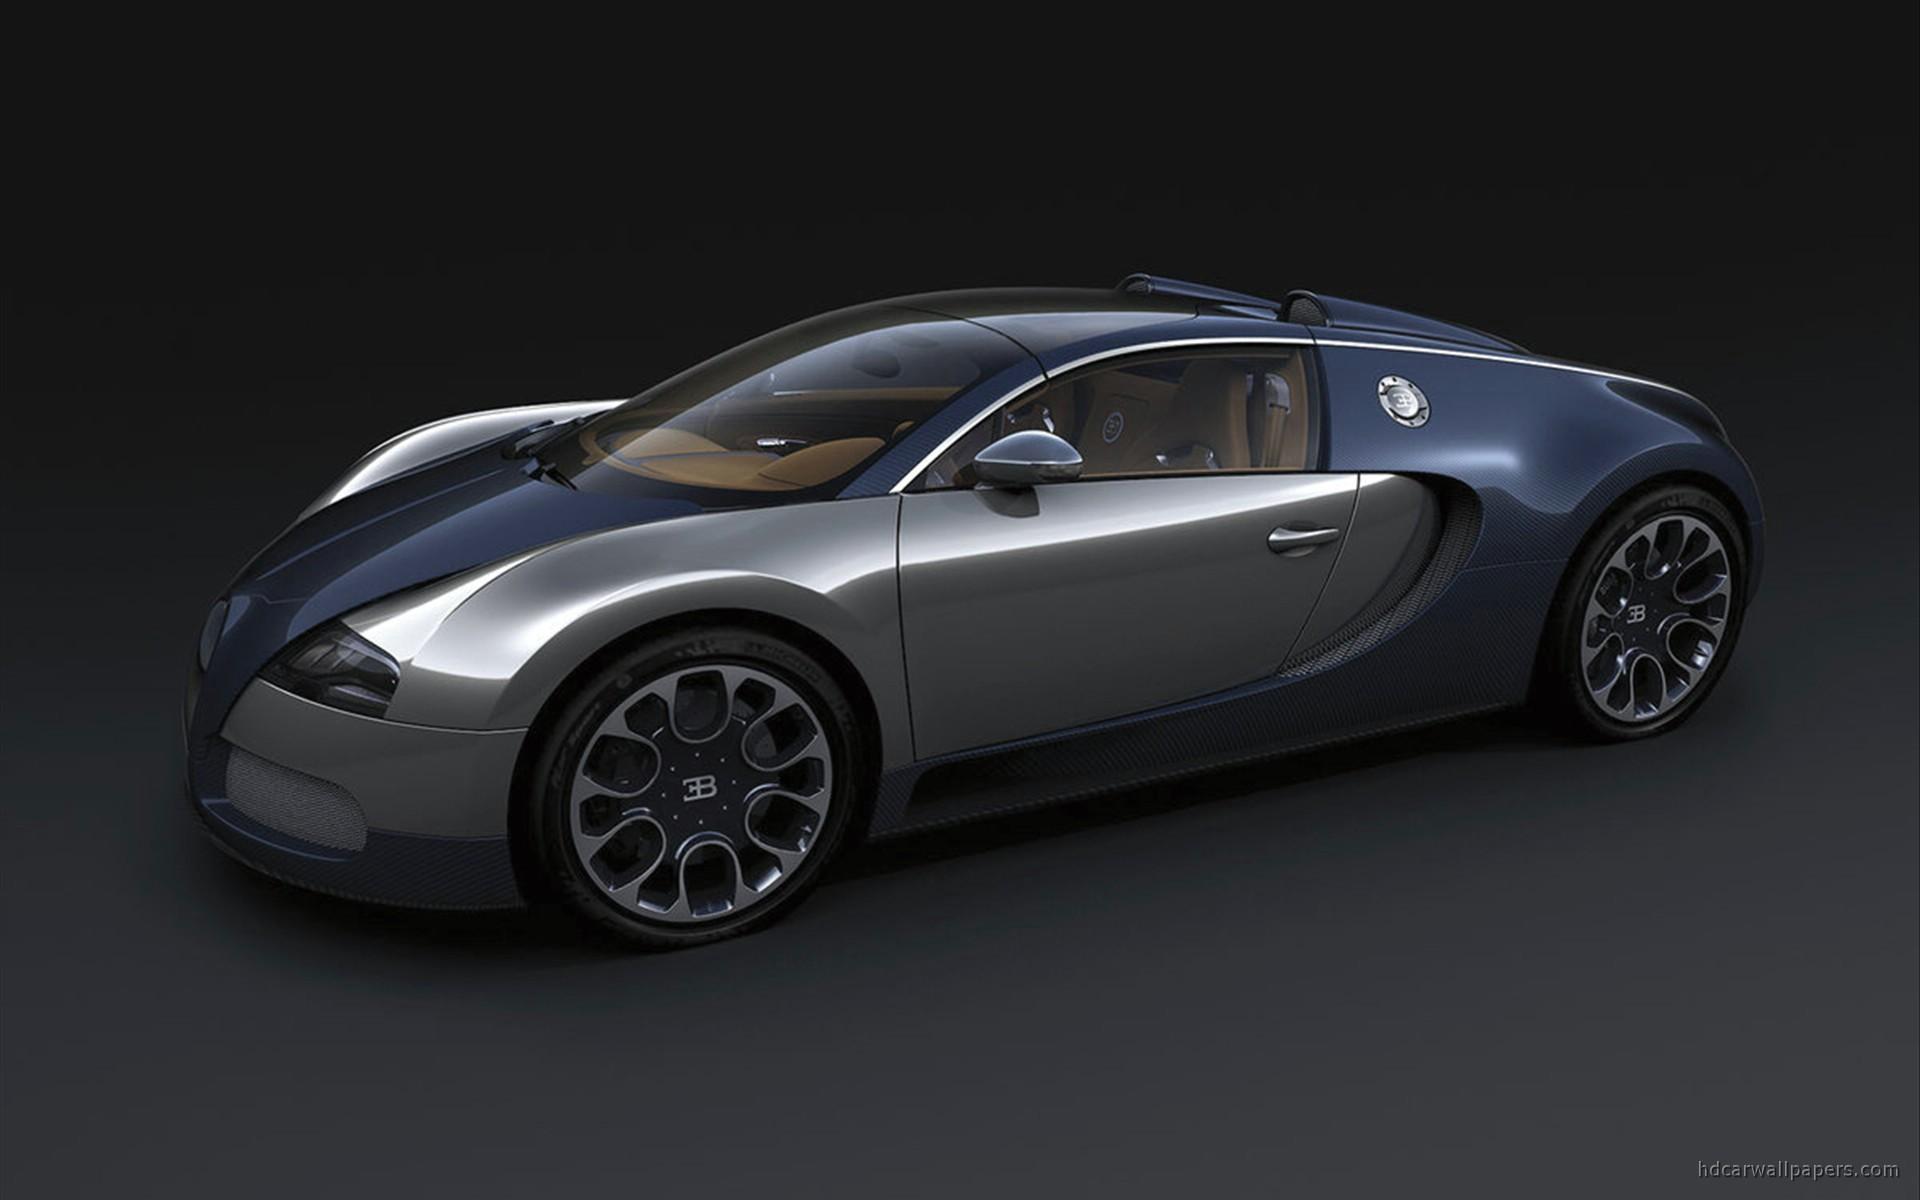 bugatti_veyron_grand_sport_sang_bleu_4-wide Remarkable Bugatti Veyron Grand Sport 2015 Price Cars Trend